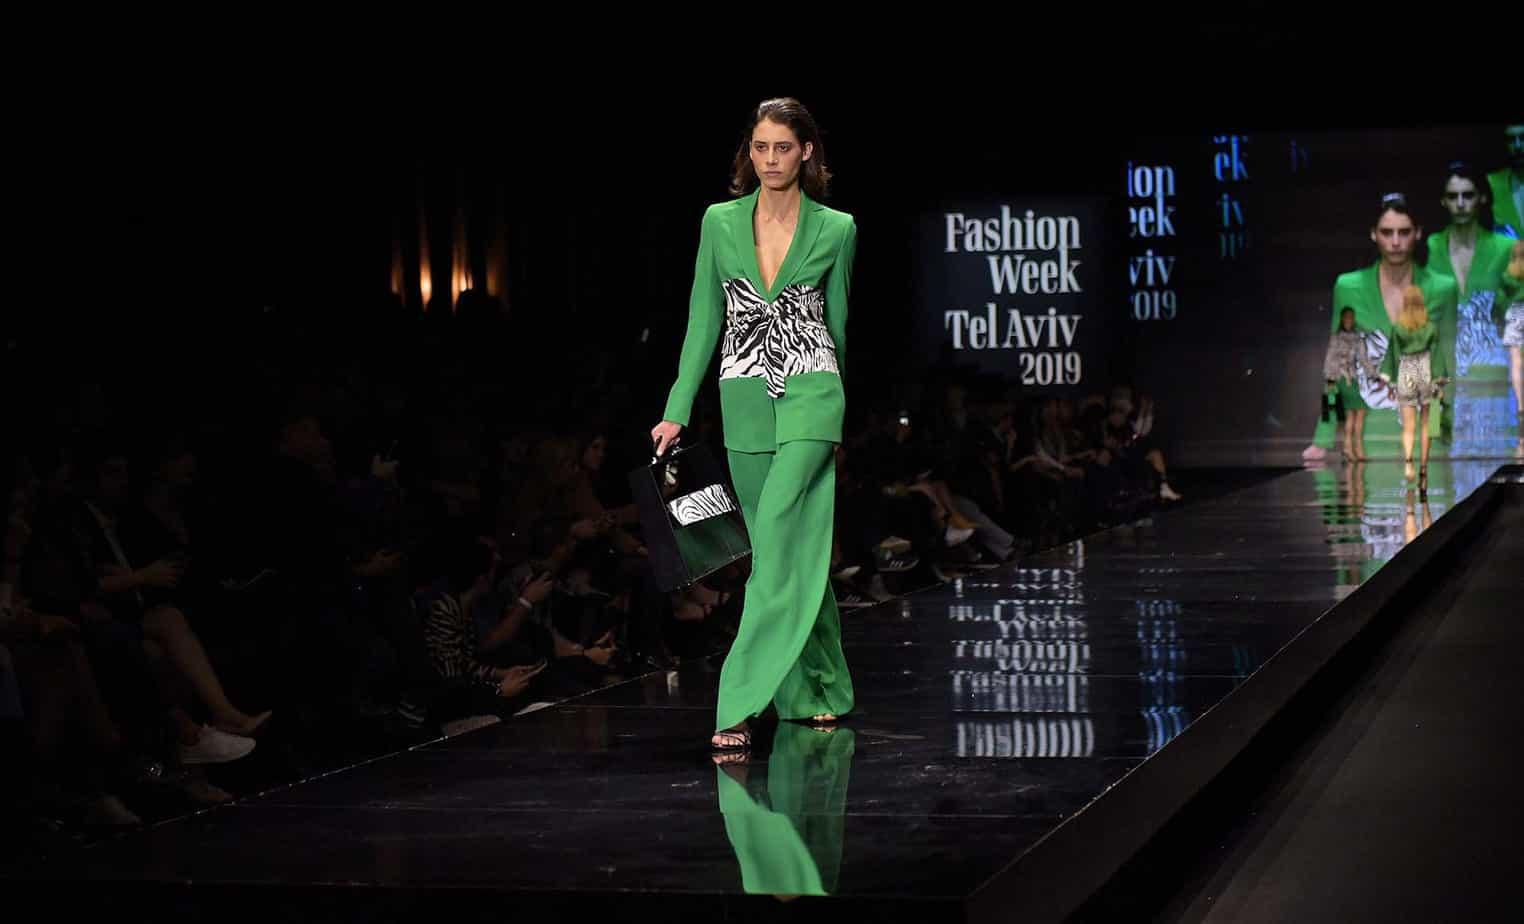 שי שלום. שבוע האופנה תל אביב 2019. צילום סרג'ו סטרודובצב - 8